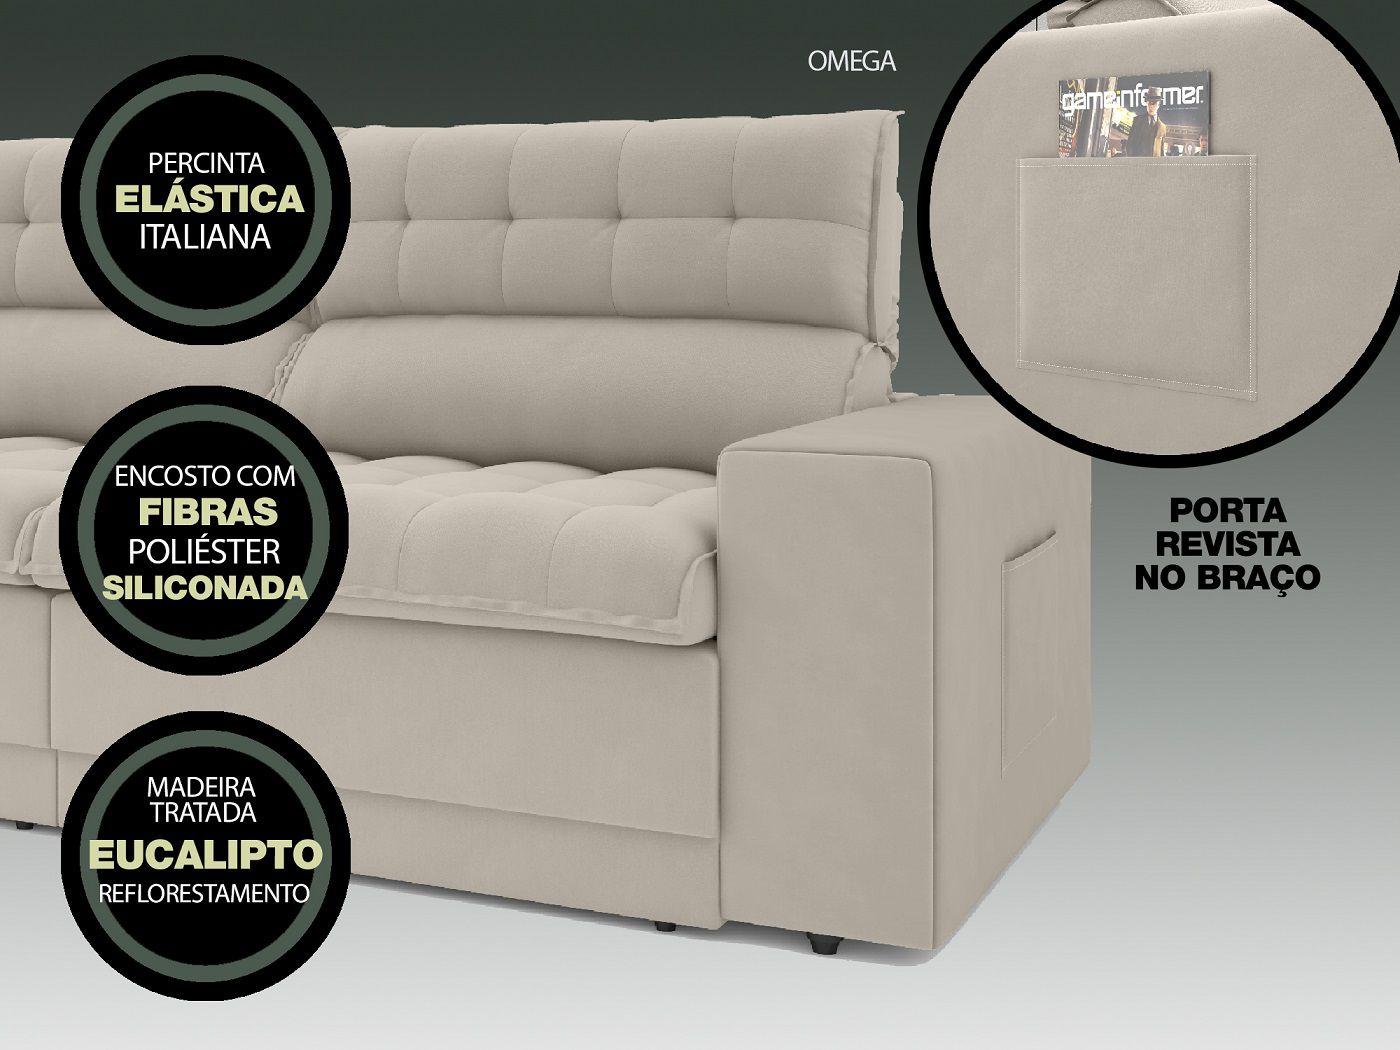 Sofá Omega 2,30m Assento Retrátil e Reclinável Velosuede Areia - NETSOFAS